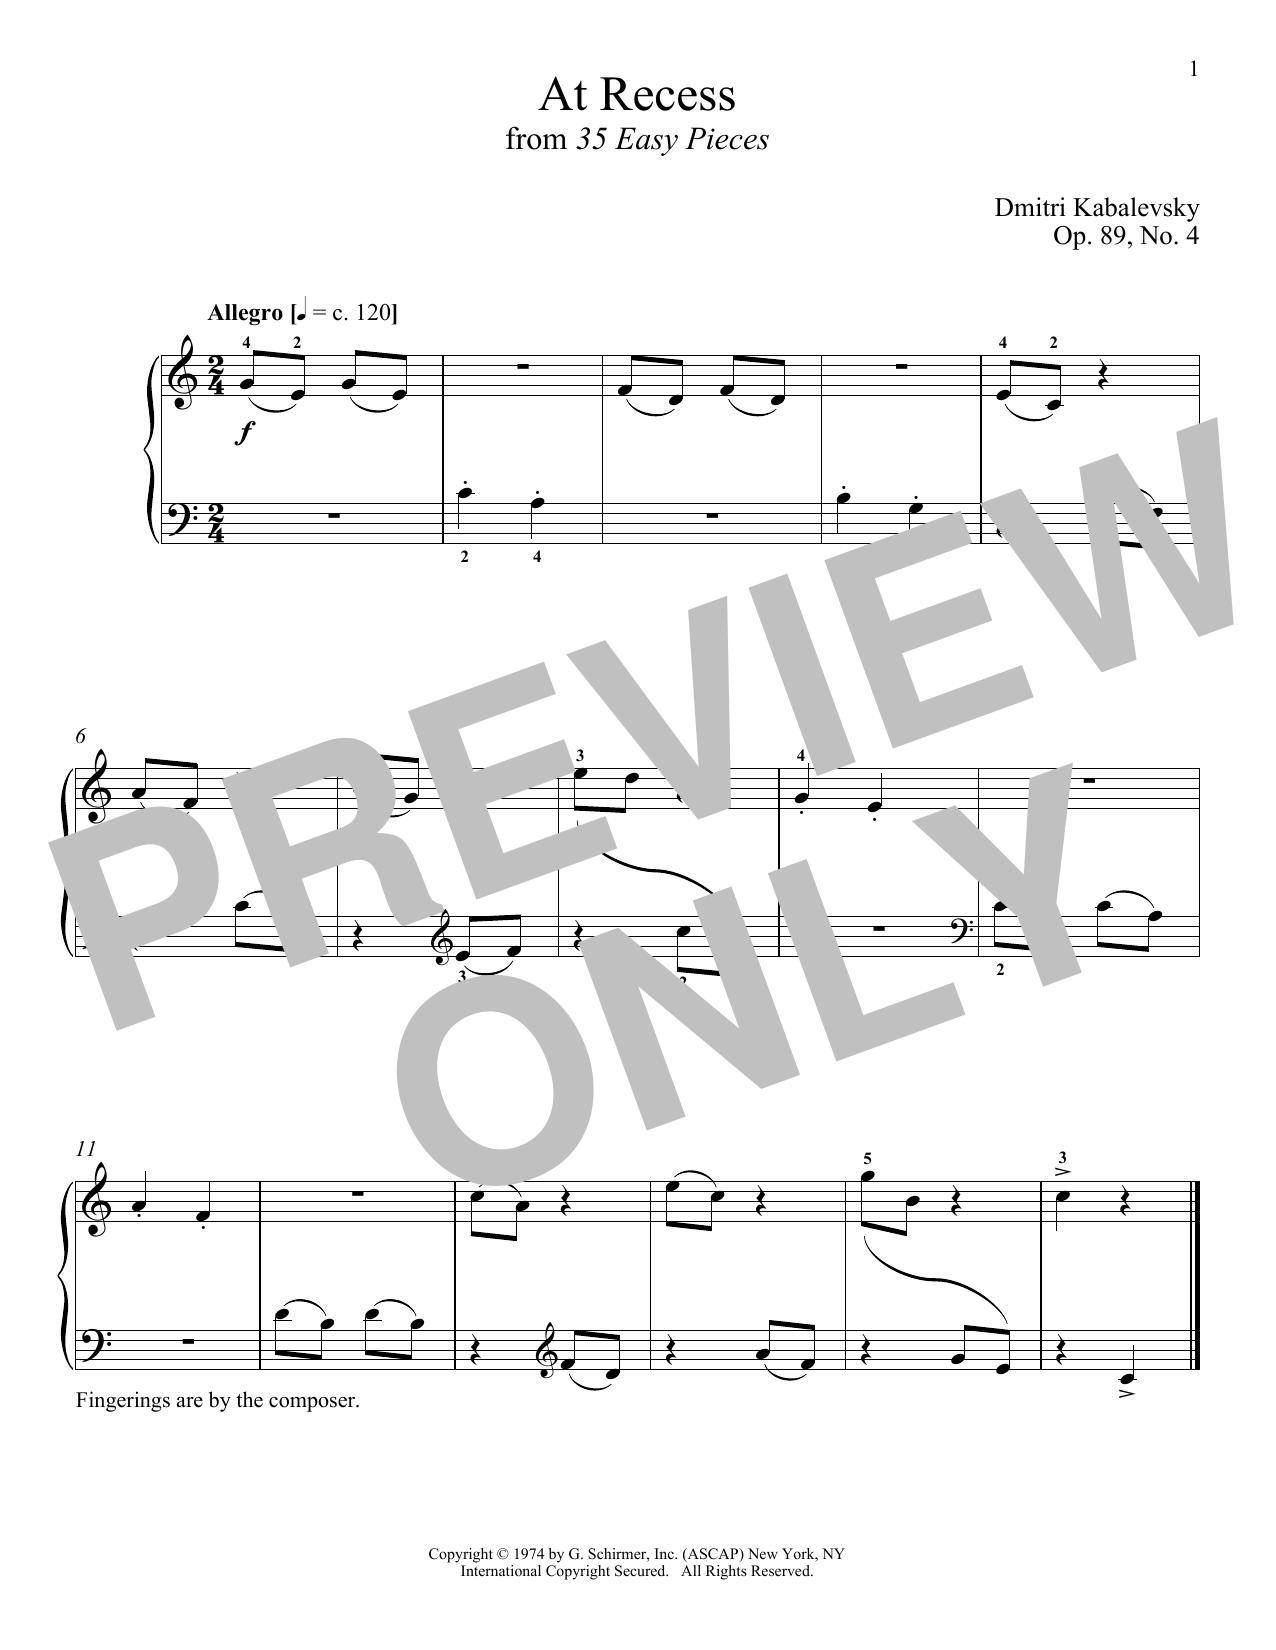 Dmitri Kabalevsky At Recess sheet music notes and chords